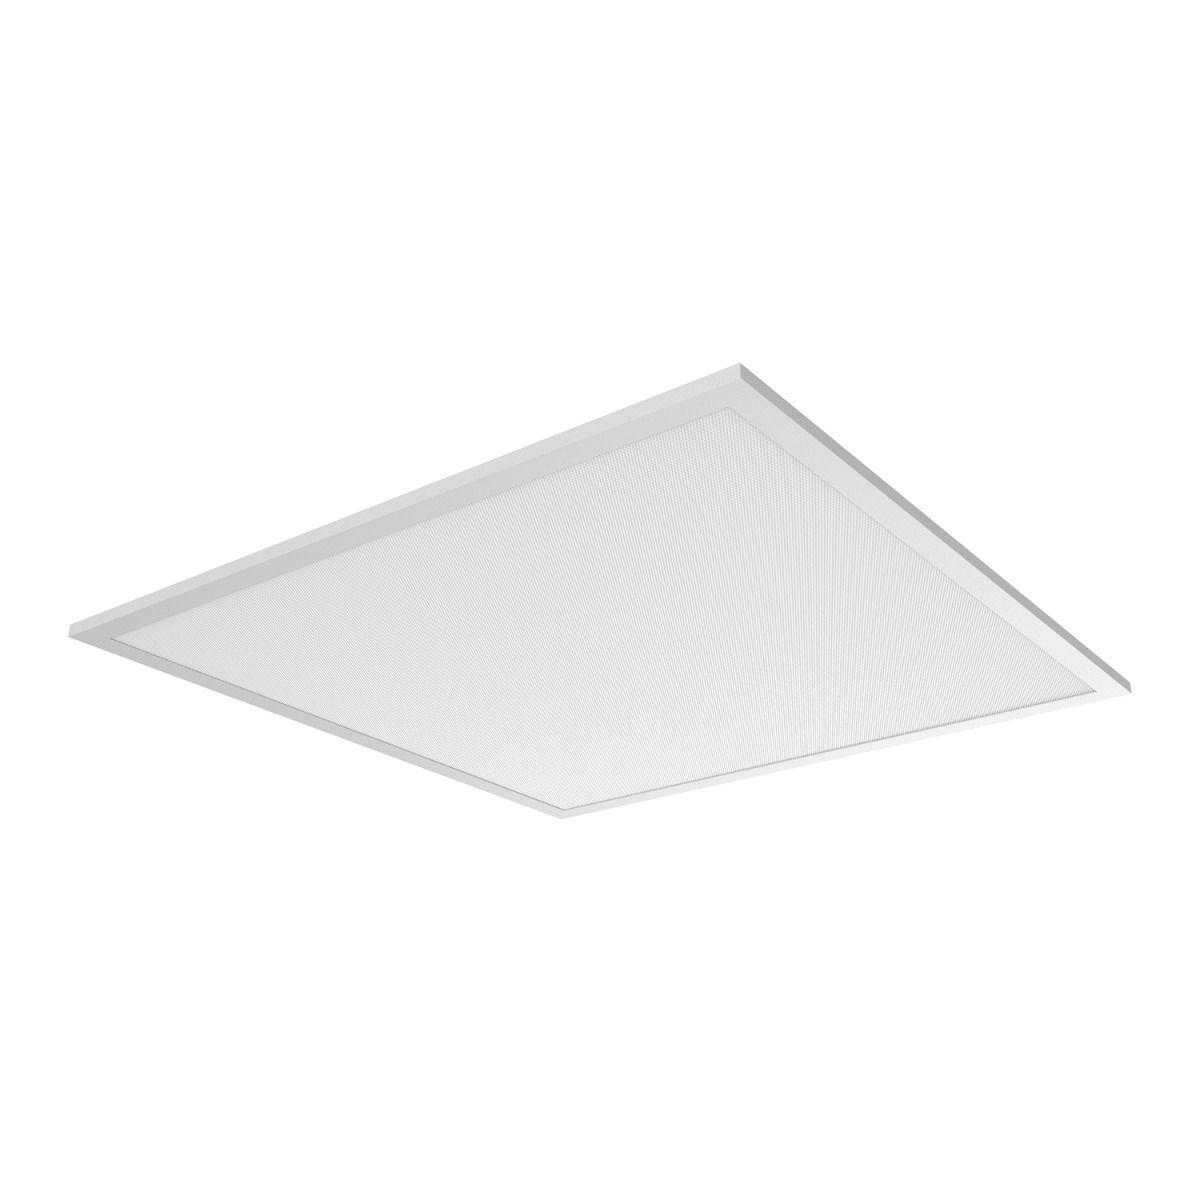 Noxion LED Panel Delta Pro V3 30W 4000K 4070lm 60x60cm UGR <19 | Kaltweiß - Ersatz für 4x18W